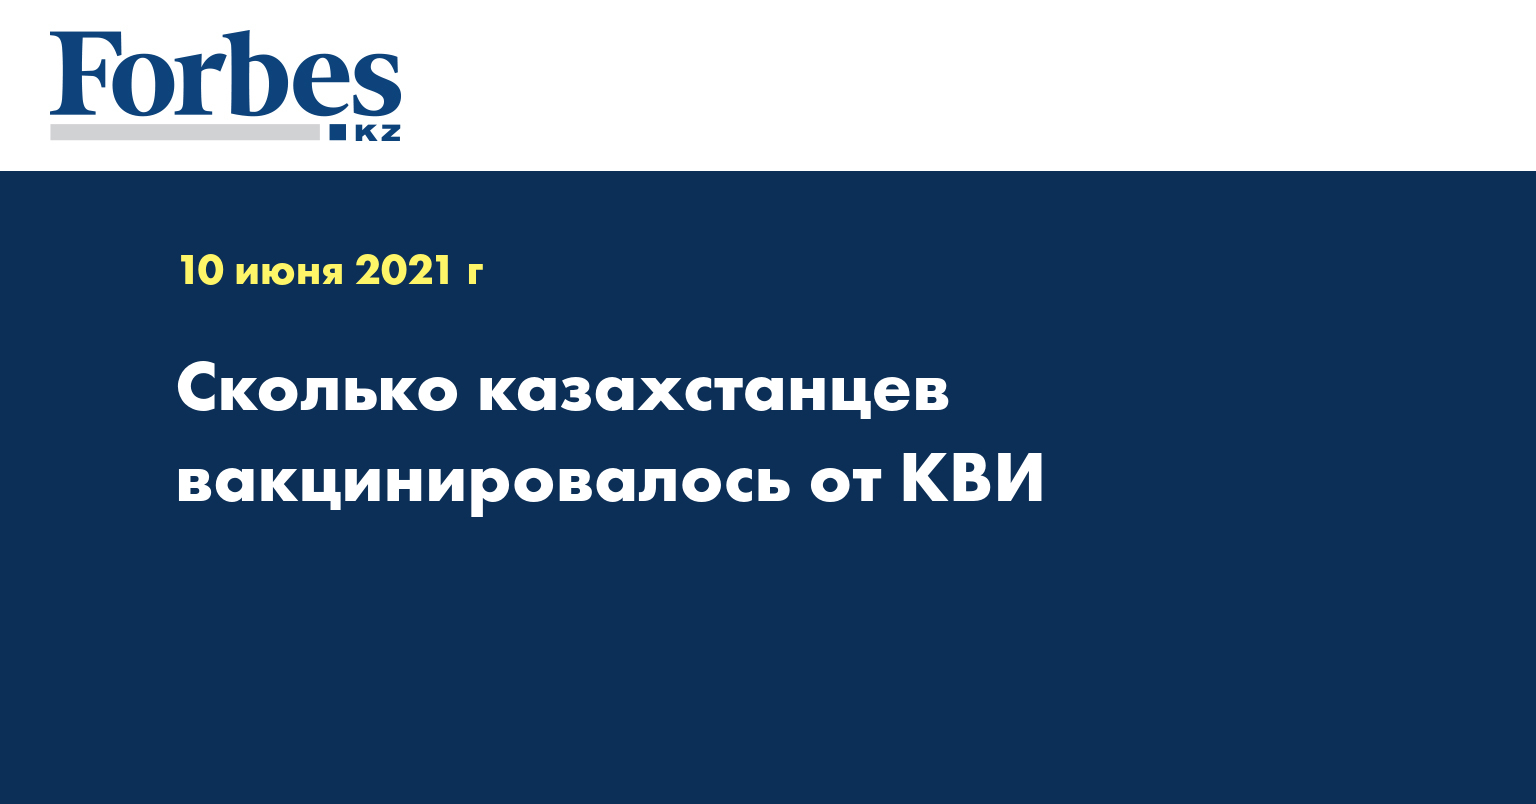 Сколько казахстанцев вакцинировалось от КВИ